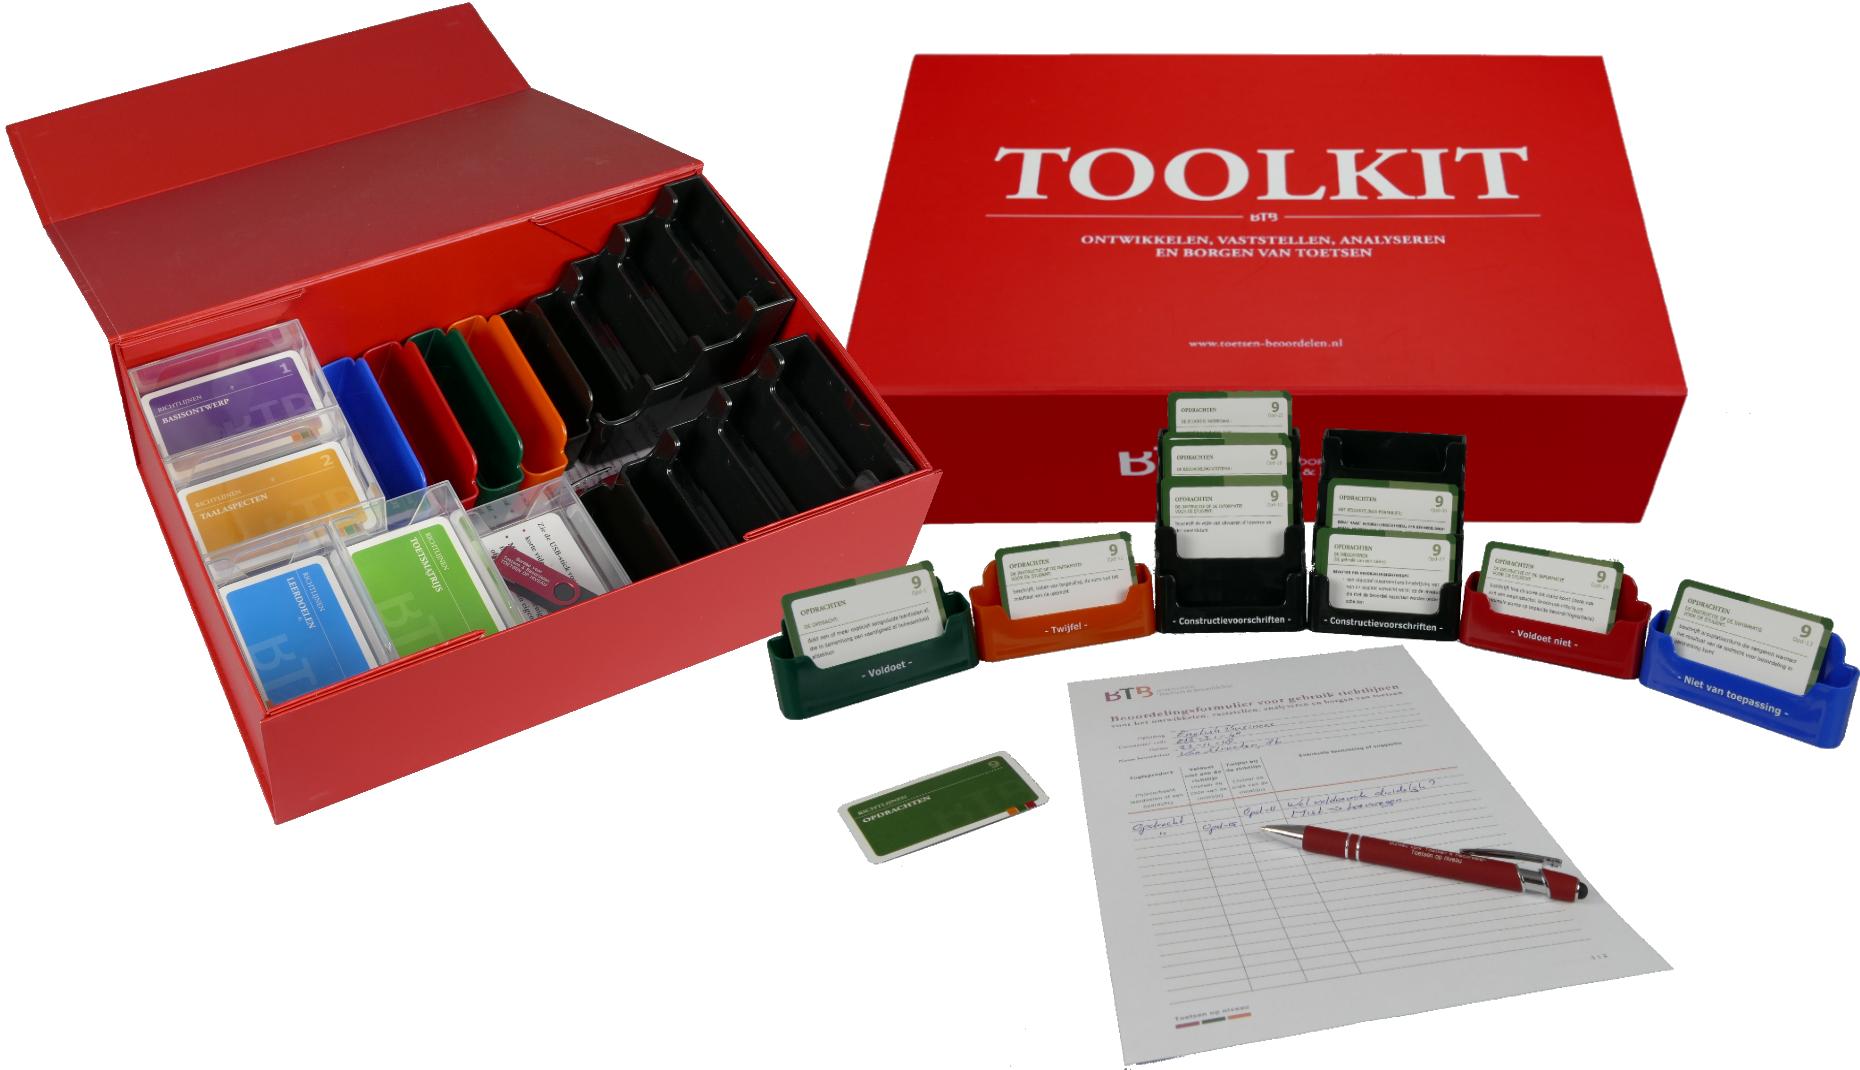 Toolkit voor het ontwikkelen, vaststellen, analyseren en borgen van toetsen